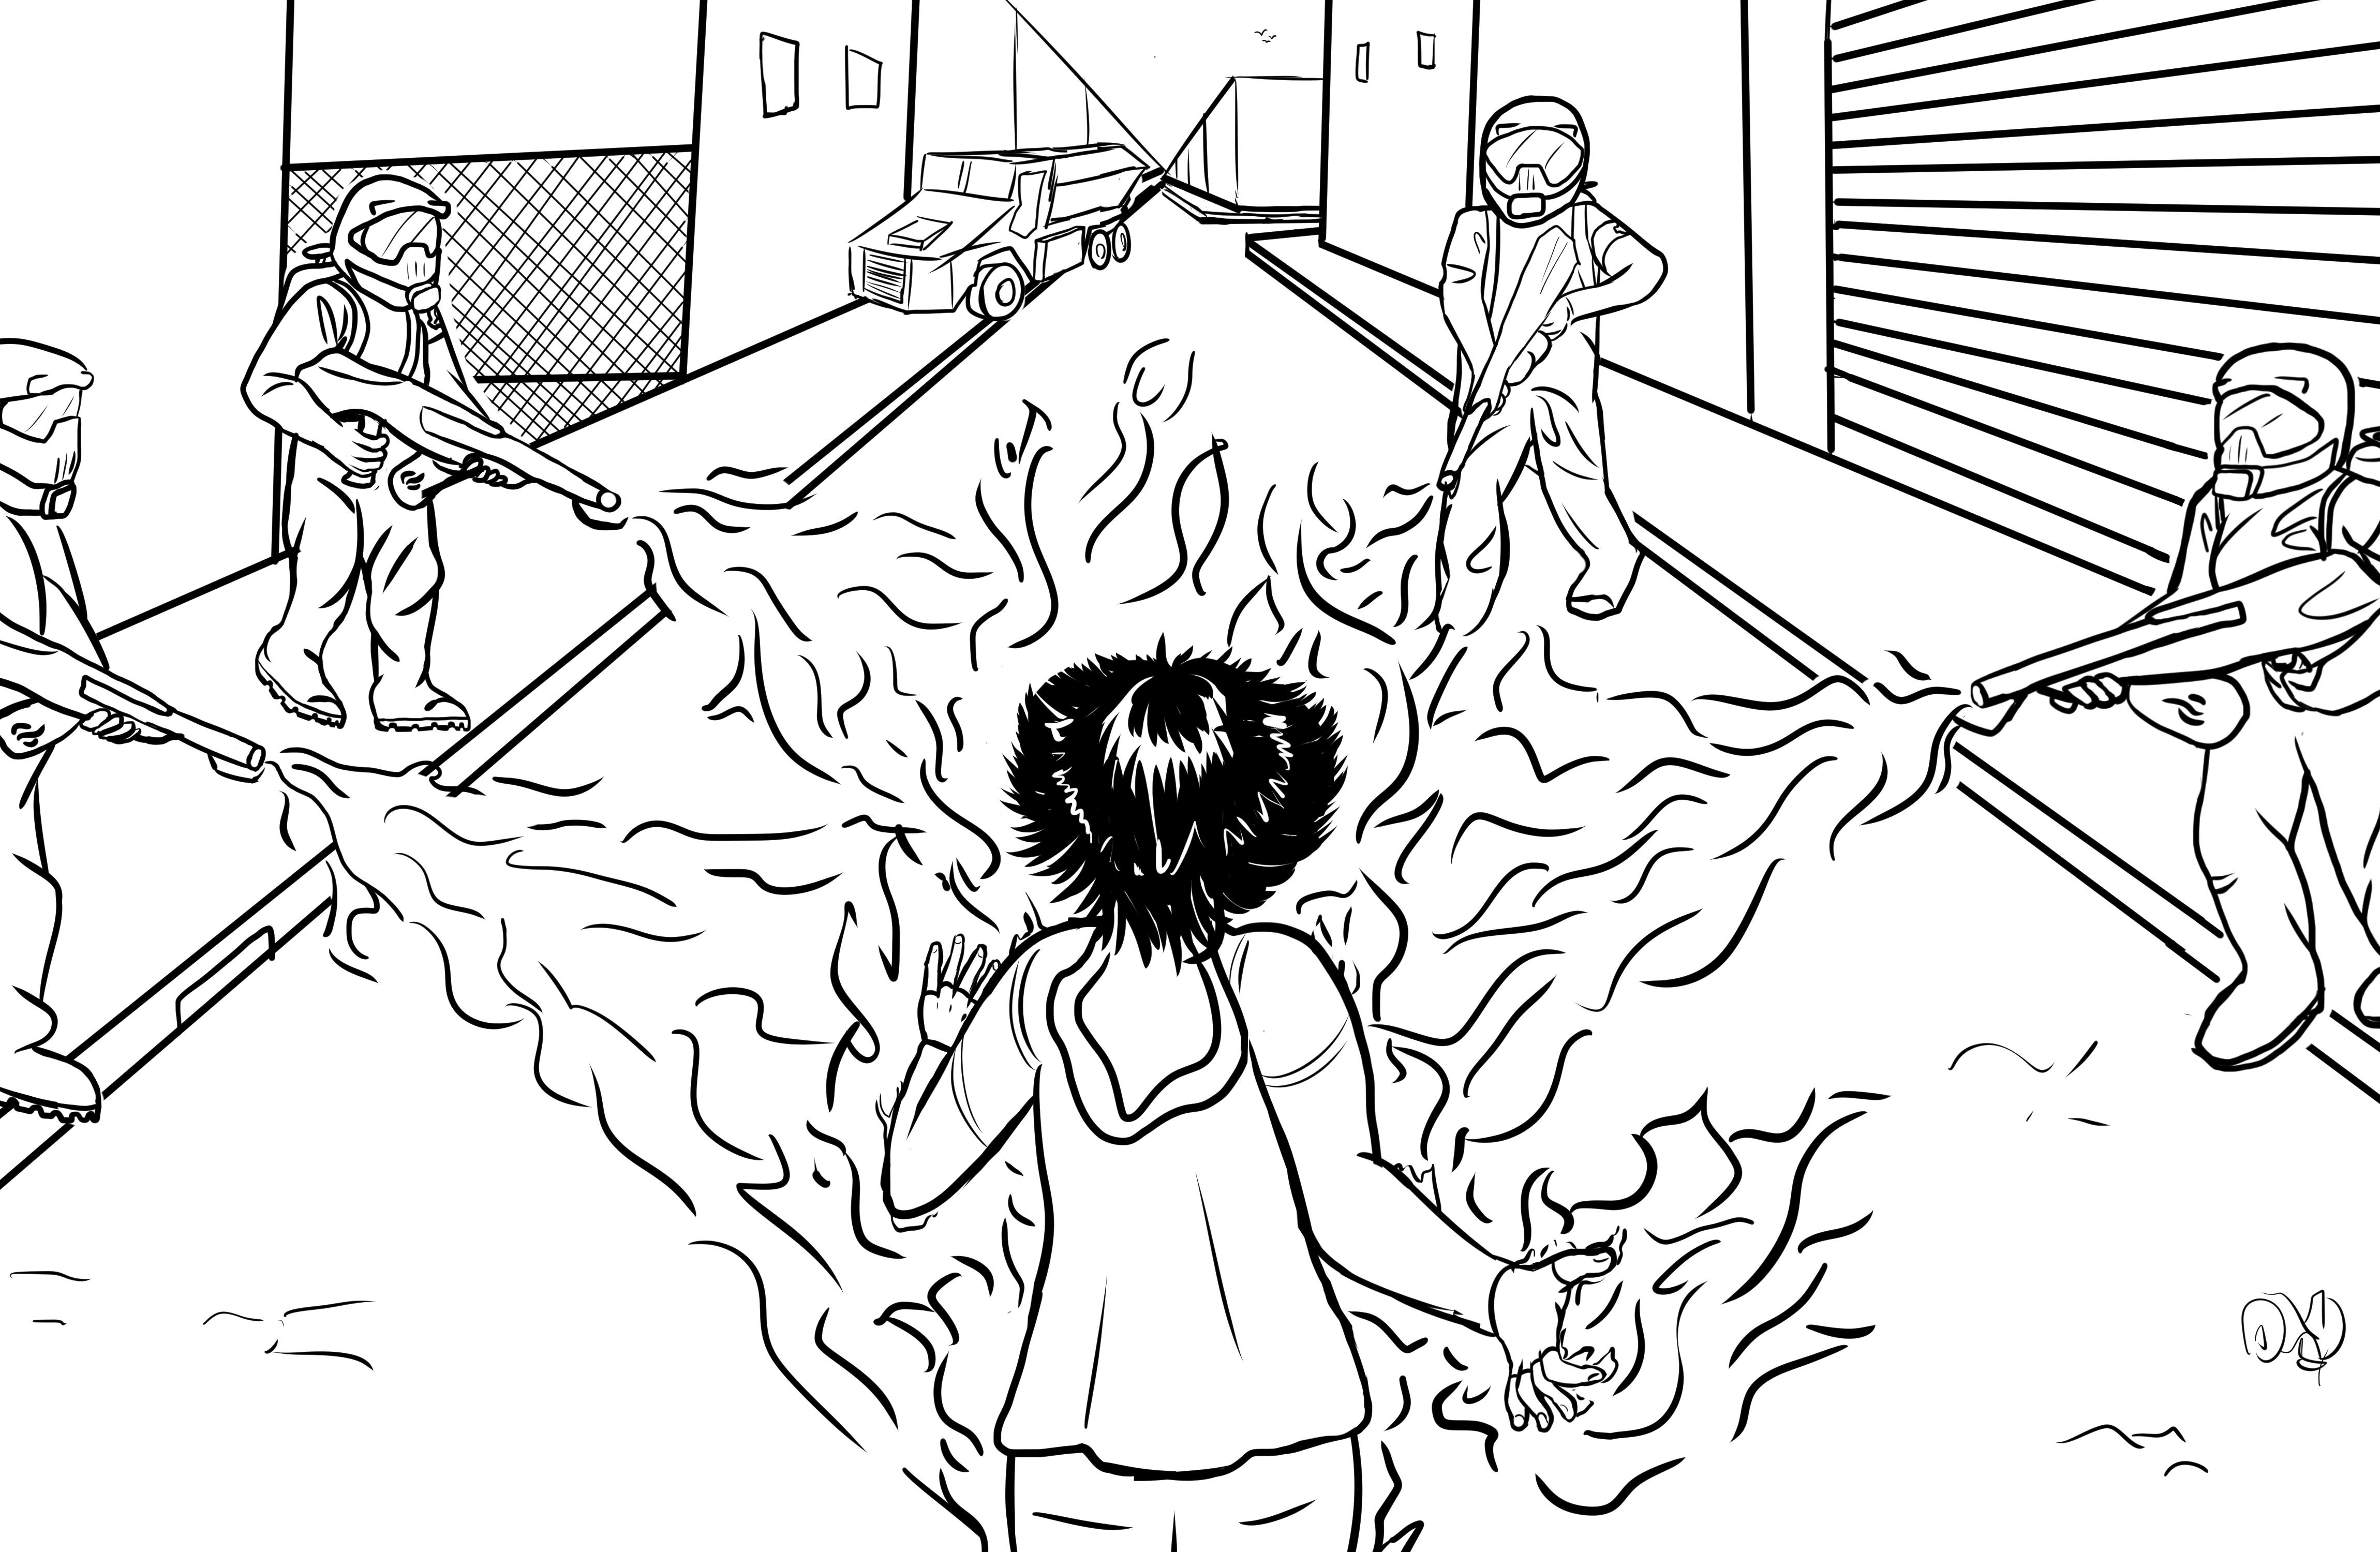 Florence fait face à quatre personnes tenant des lance-flammes.